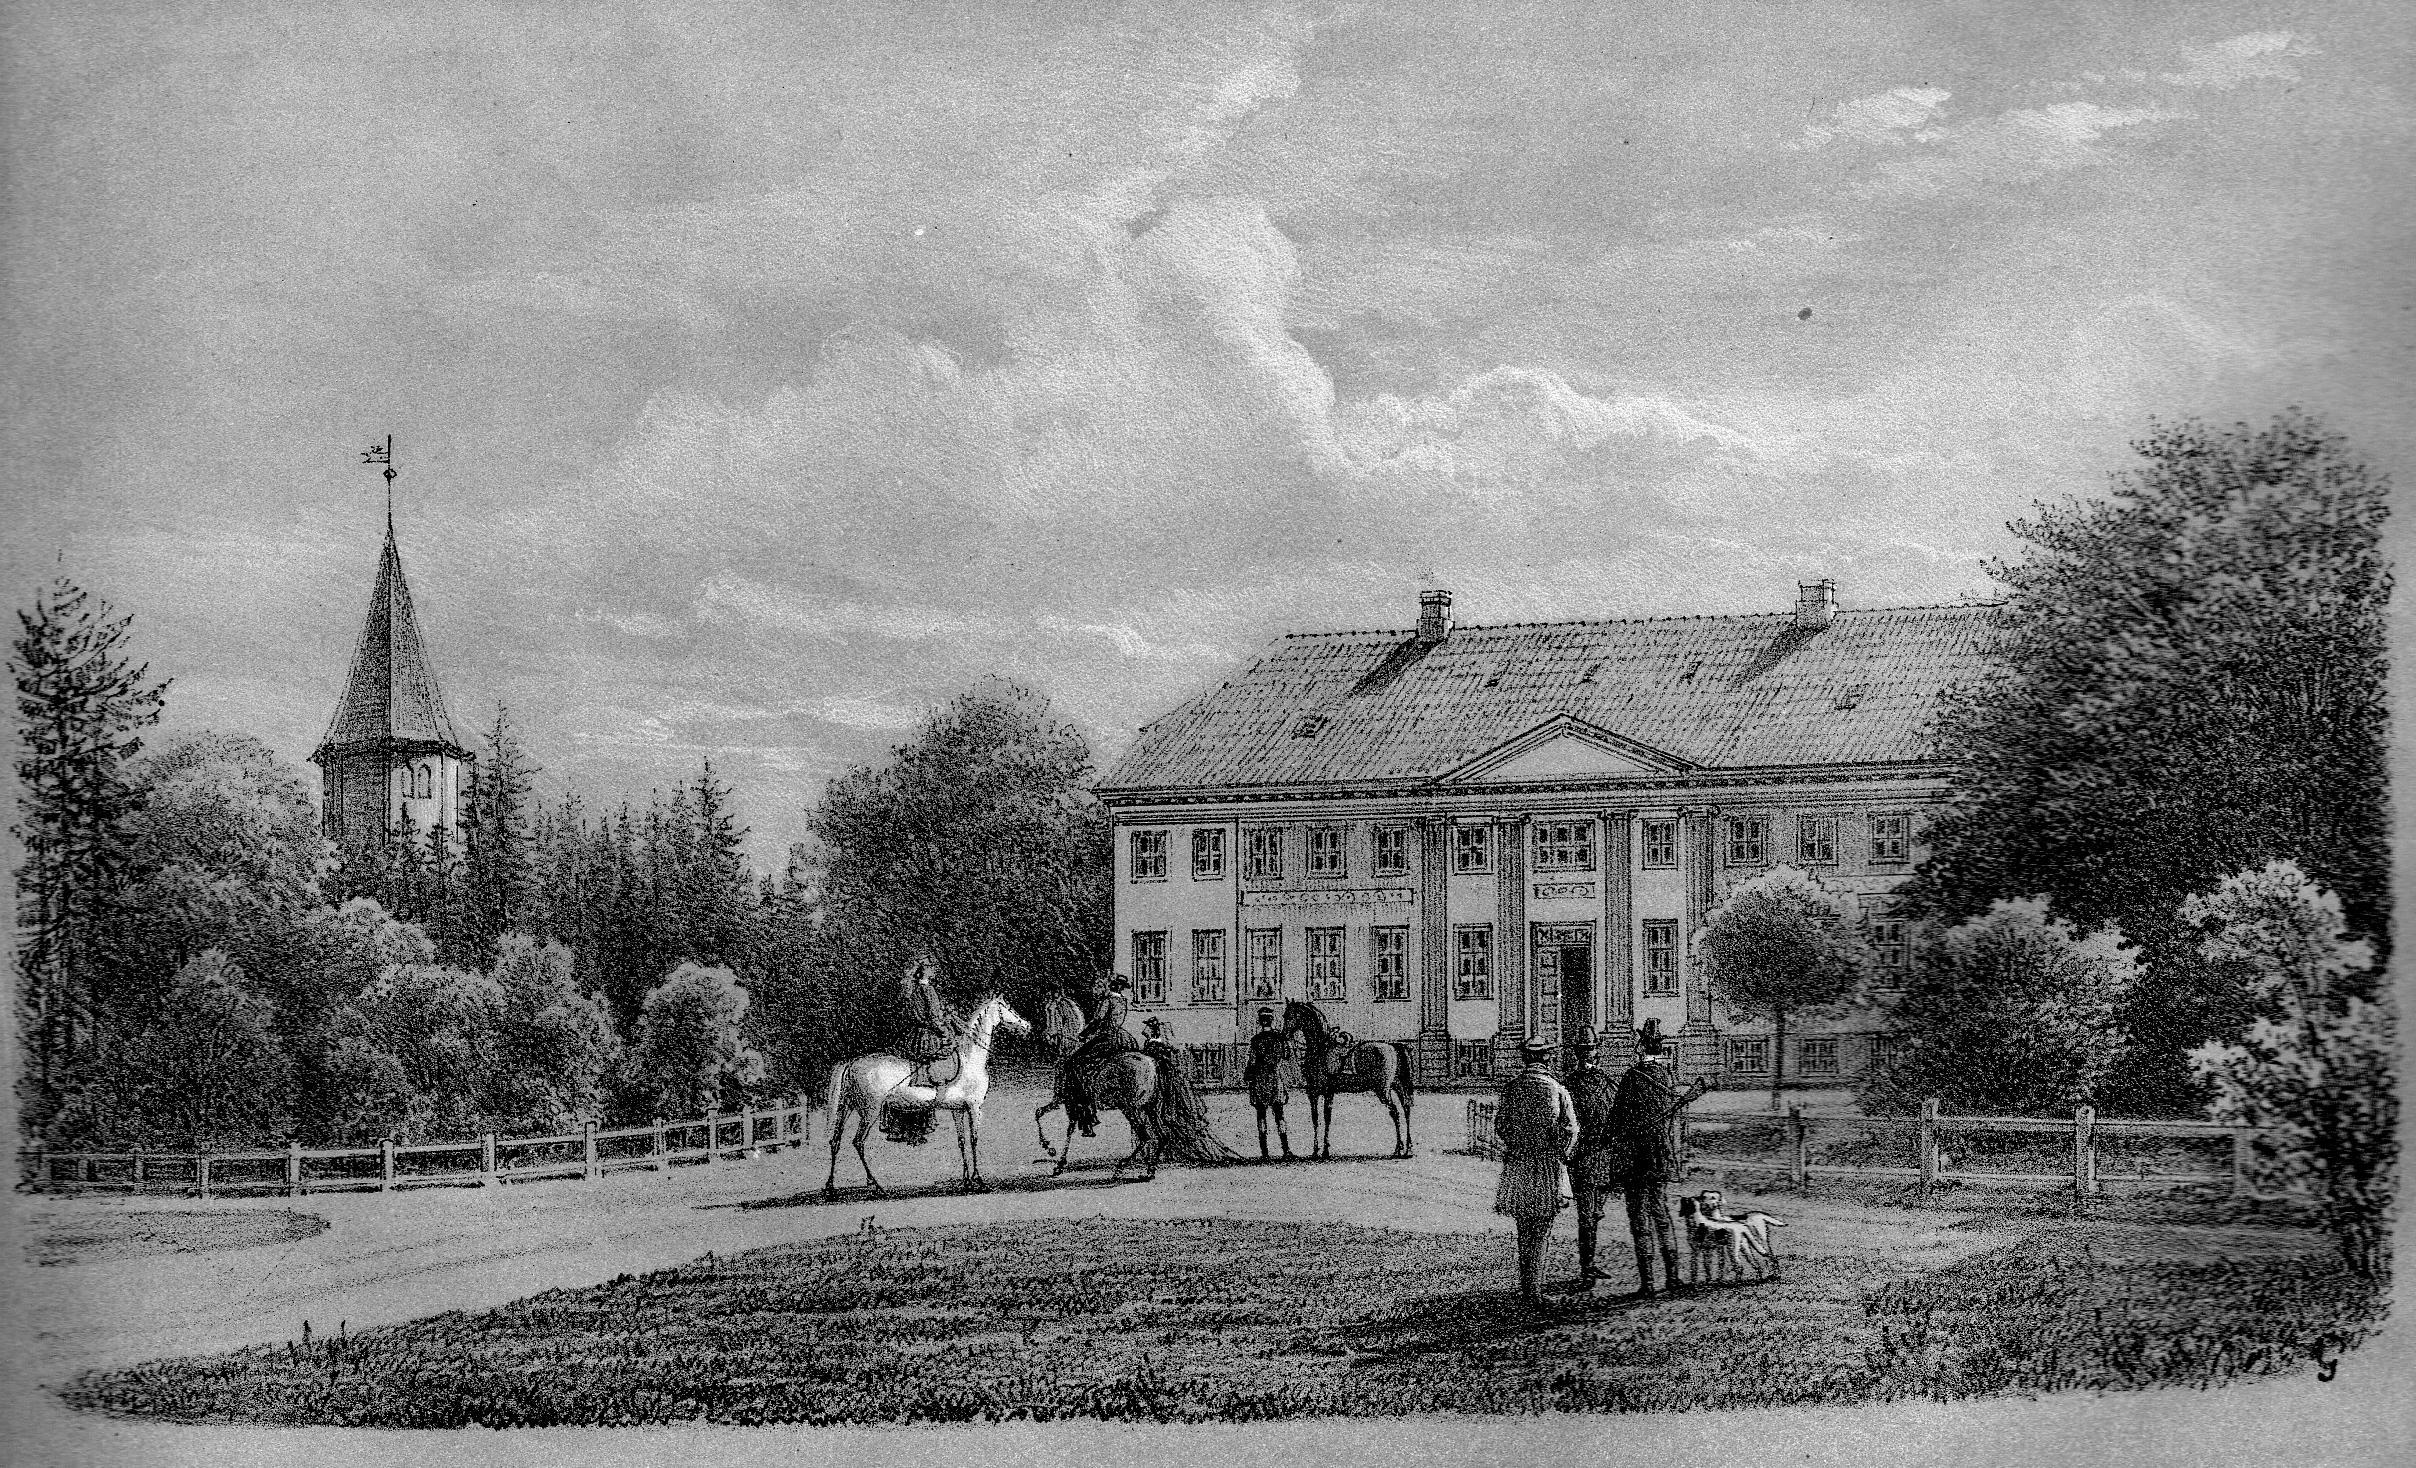 Engestofte tegnet af Ferdinand Richardt i 1867